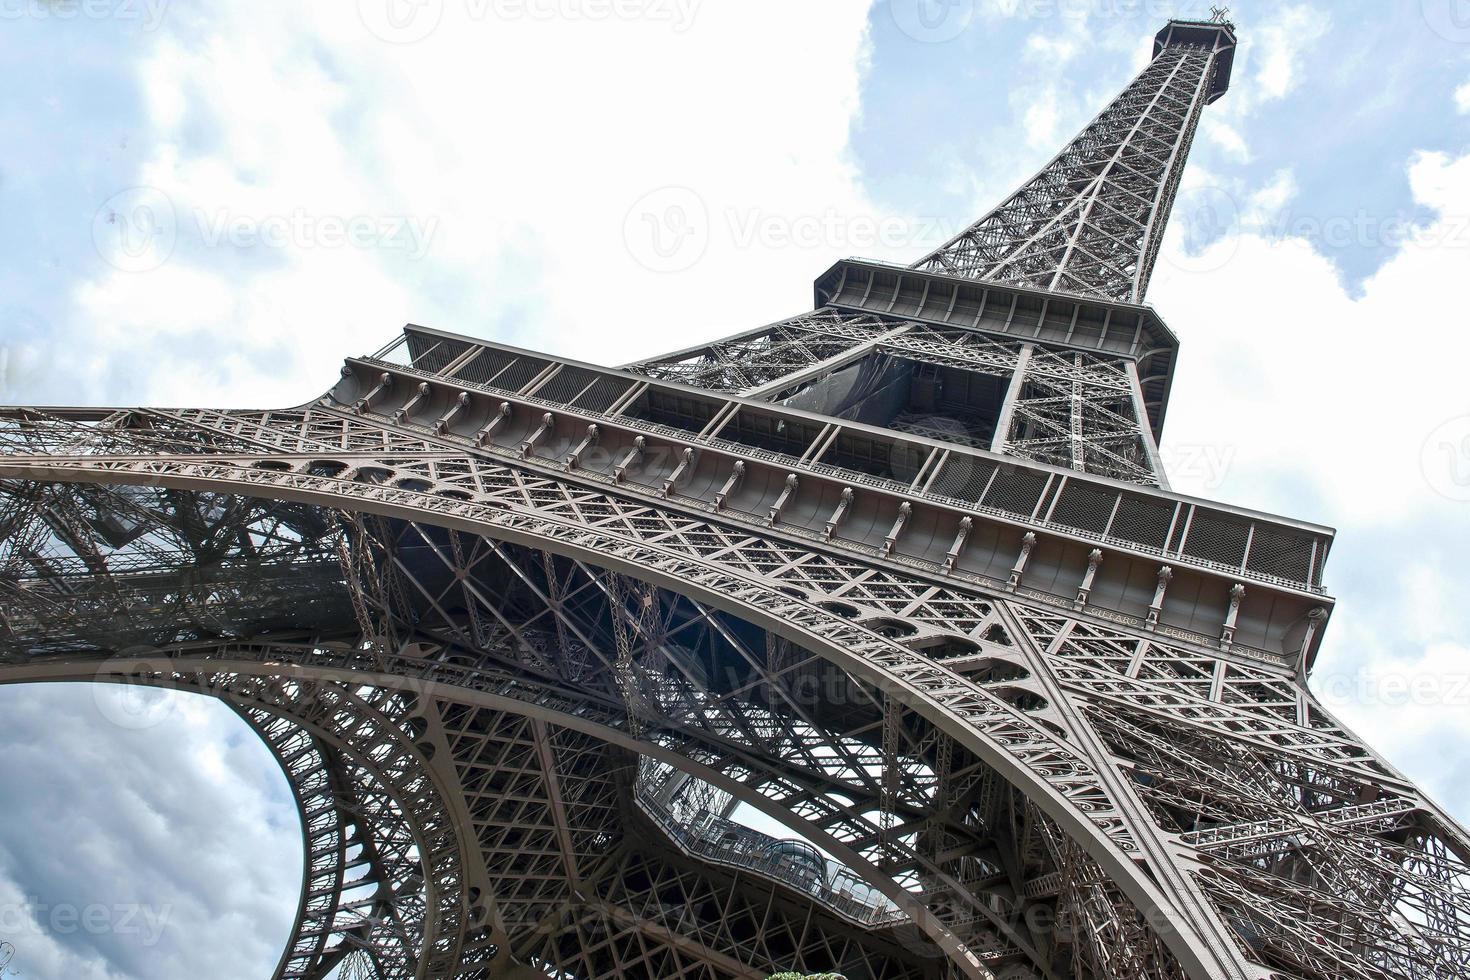 Tour Eiffel - Paris - France photo